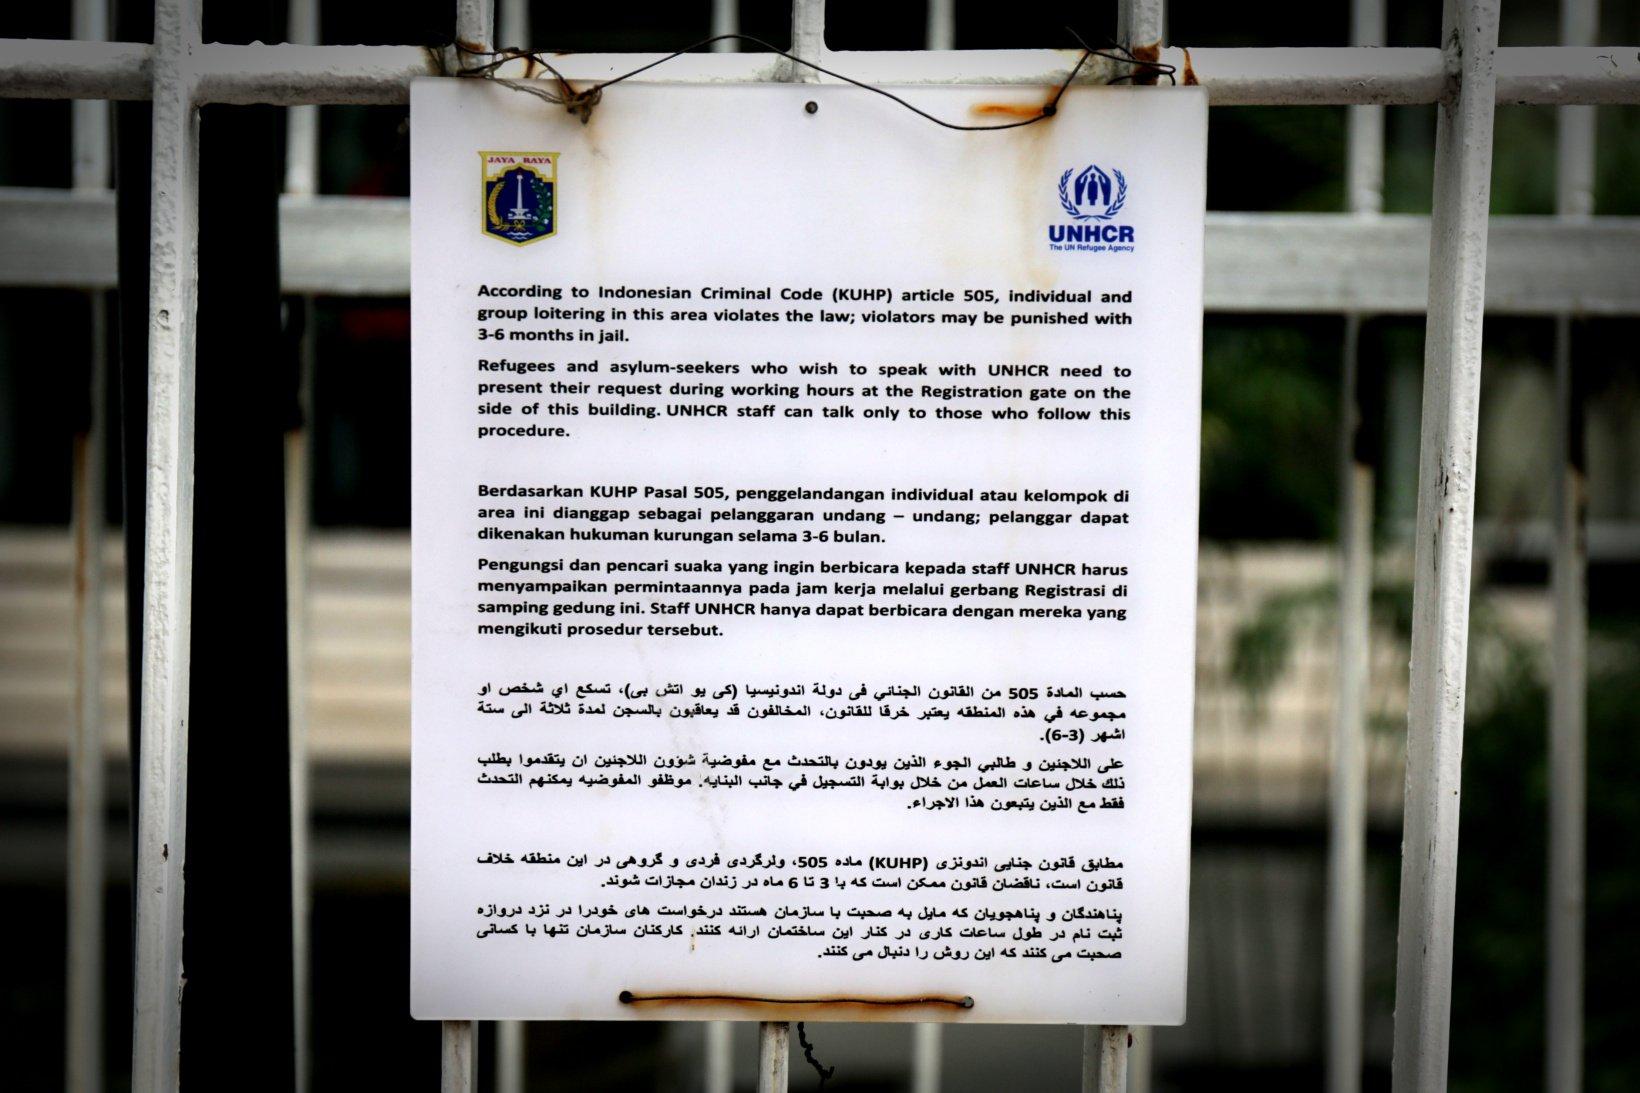 Menurut laporan tahunan Global Trens unhcr Hampir 70,8 juta orang yang dipindahkan secara paksa lebih banyak 2,3 juta dari tahun sebelumnya. Total ada 14.000 pengungsi terdaftar di Indonesia